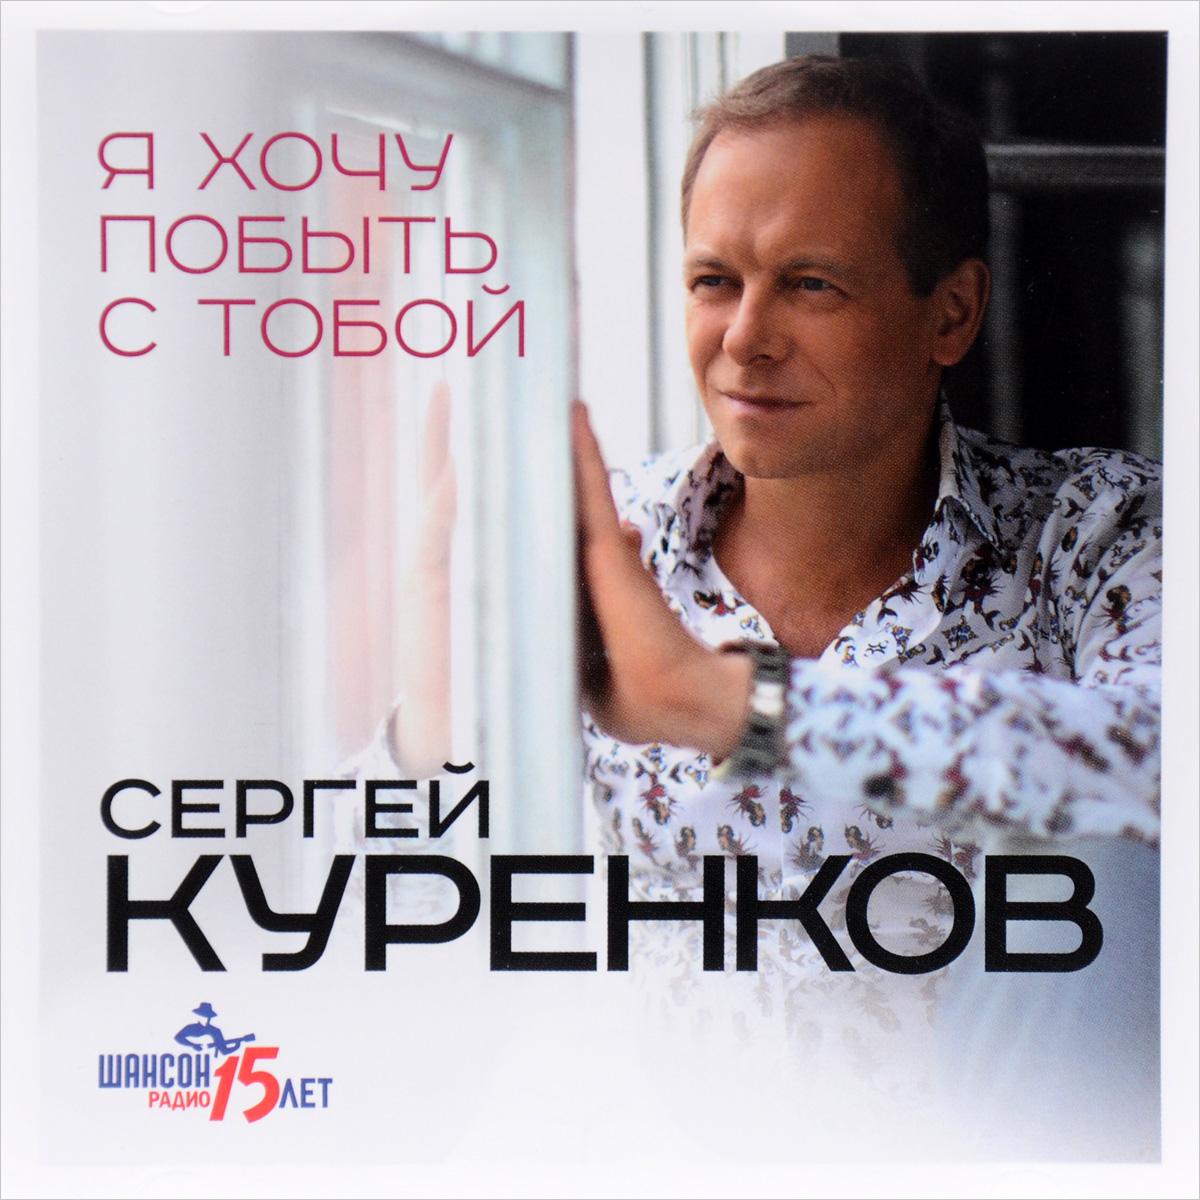 Сергей Куренков Сергей Куренков. Я хочу побыть с тобой сергей самаров возраст гнева